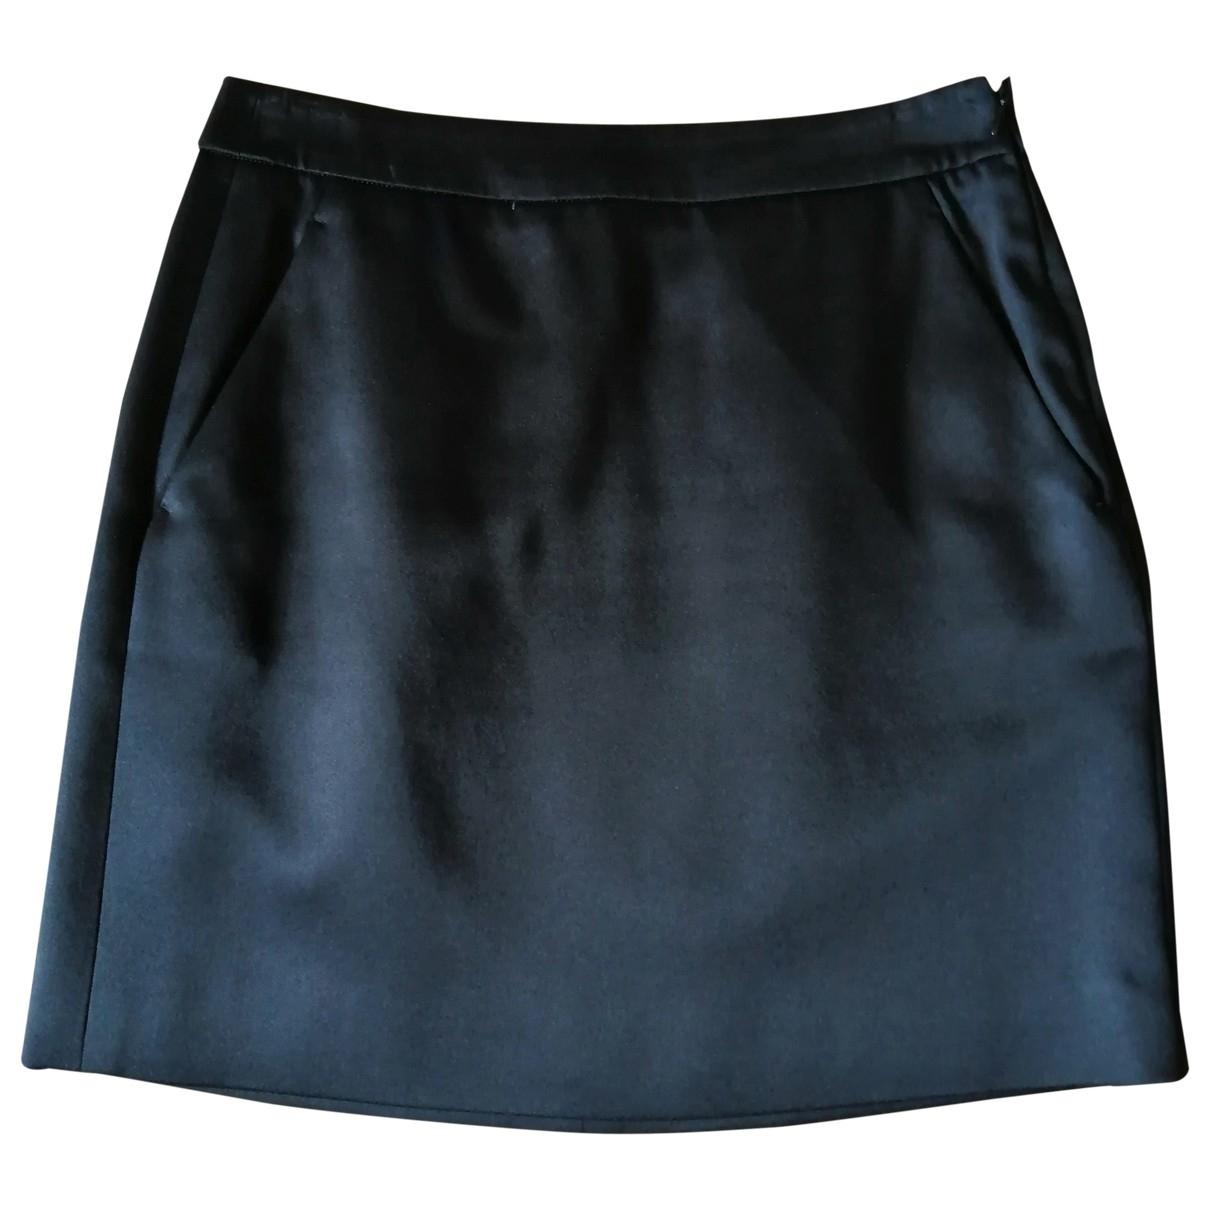 Sonia Rykiel \N Black skirt for Women 38 FR